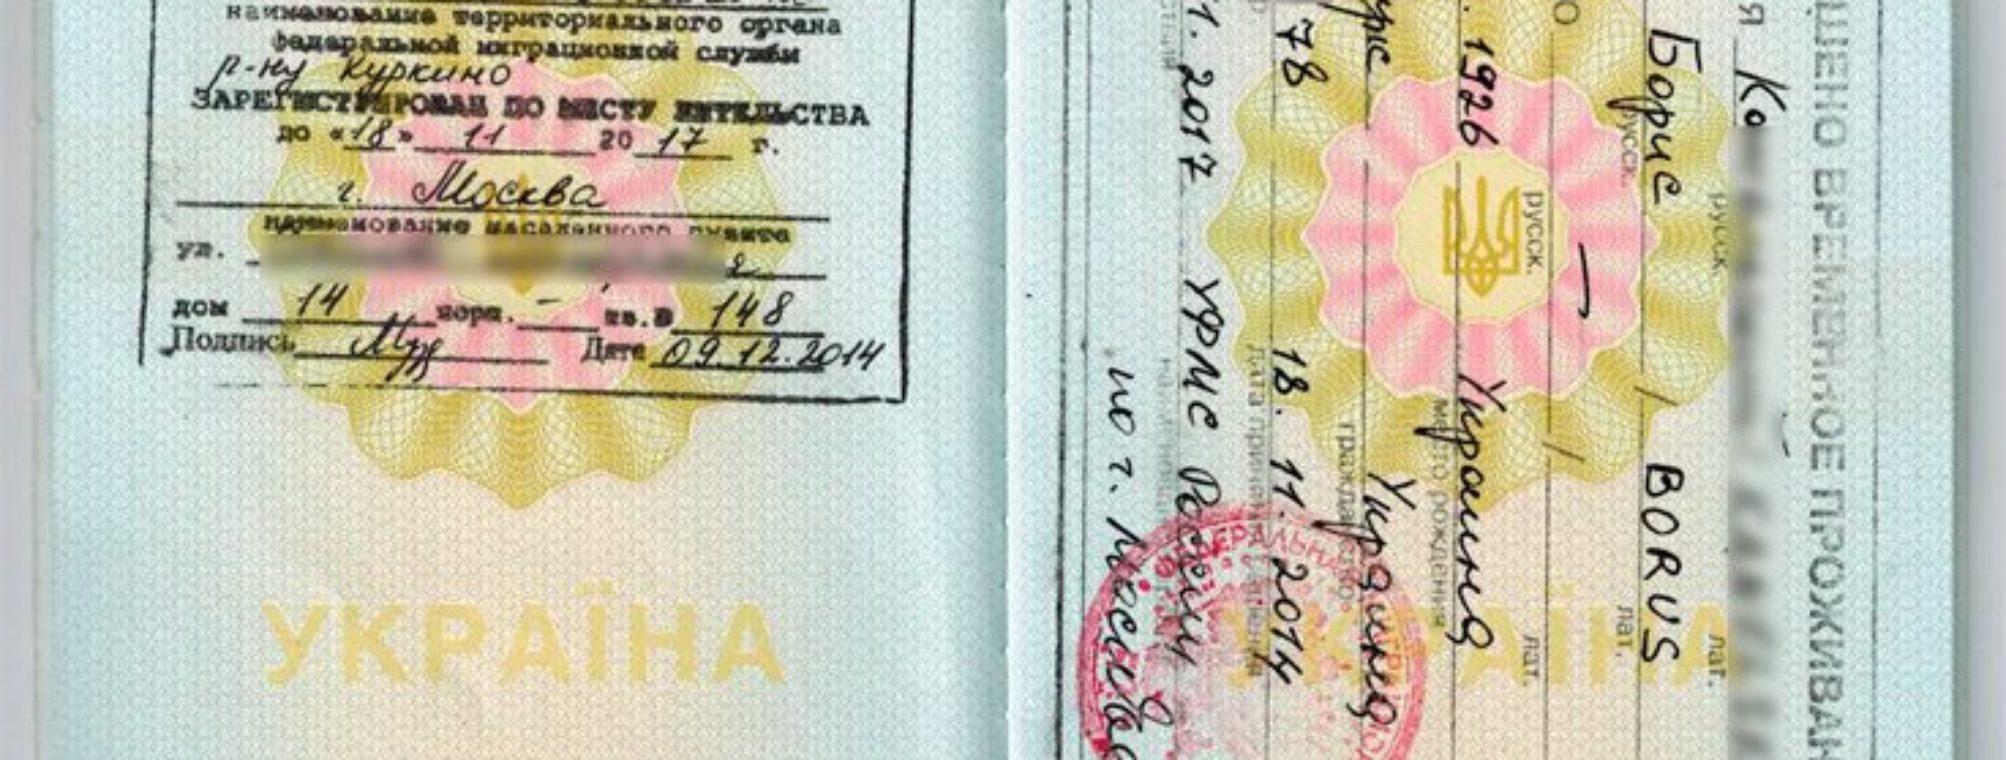 Новая методичка по удержанию алиментов, Журнал laquoГлавная книгаraquo, 18 за 2012 г